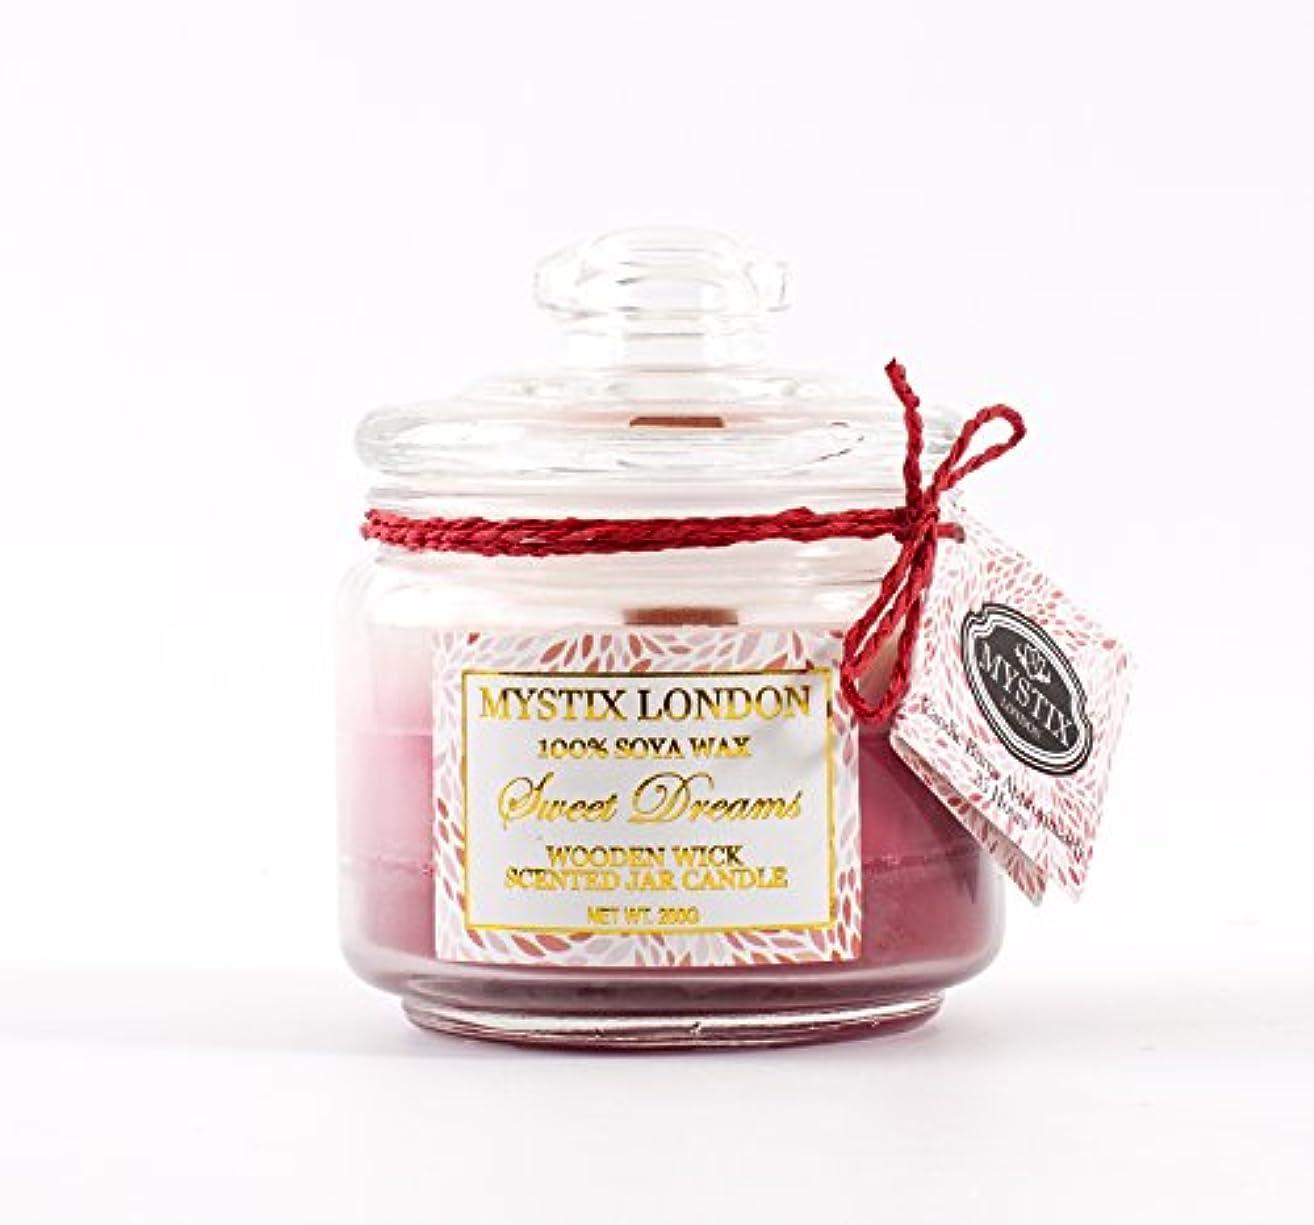 スーパーチャーミング退屈なMystix London | Sweet Dreams Wooden Wick Scented Jar Candle 200g